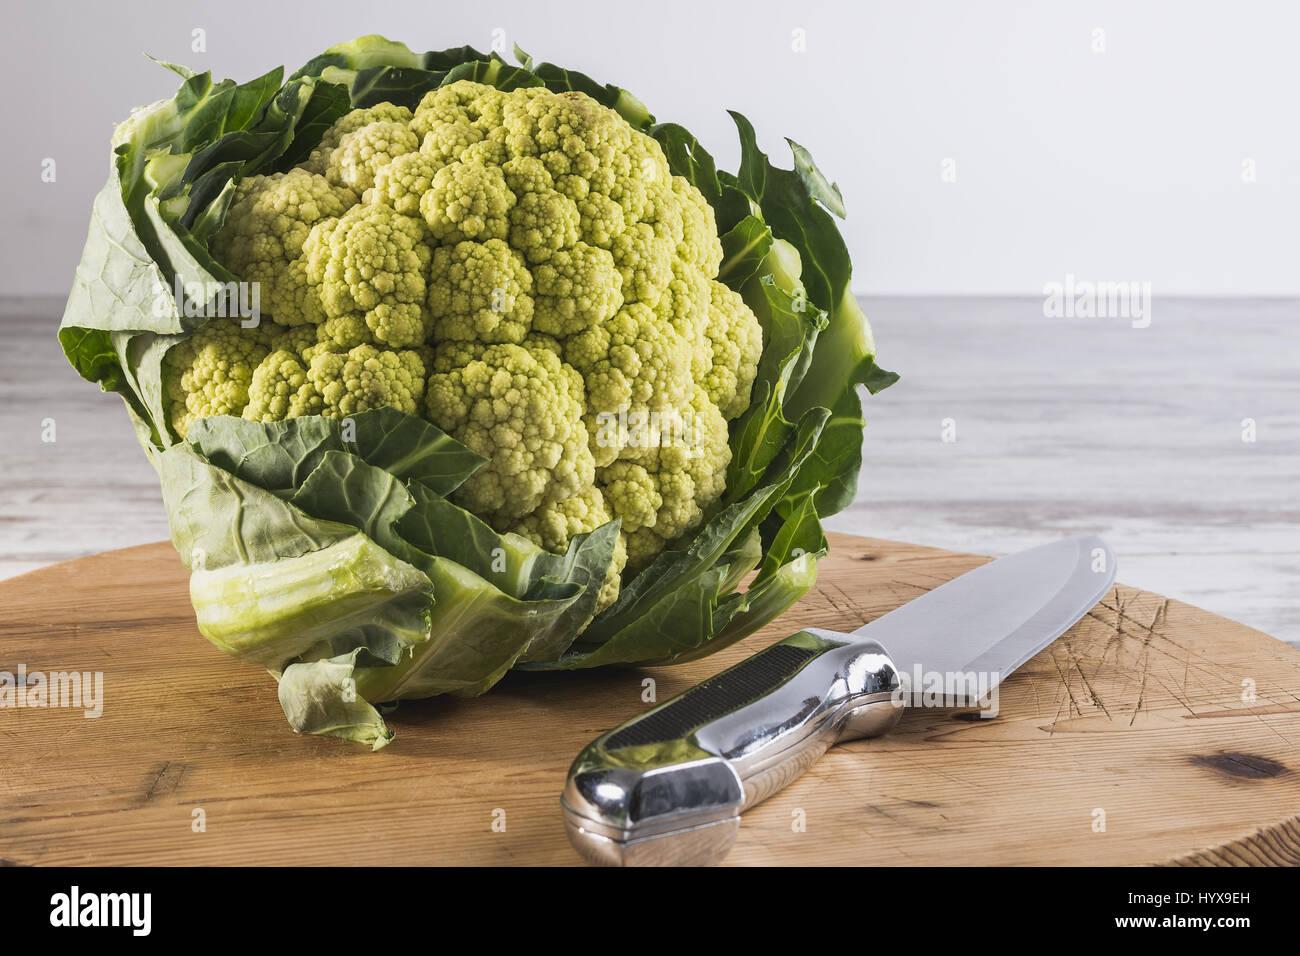 Cavolfiore verde su un tagliere con coltello Immagini Stock